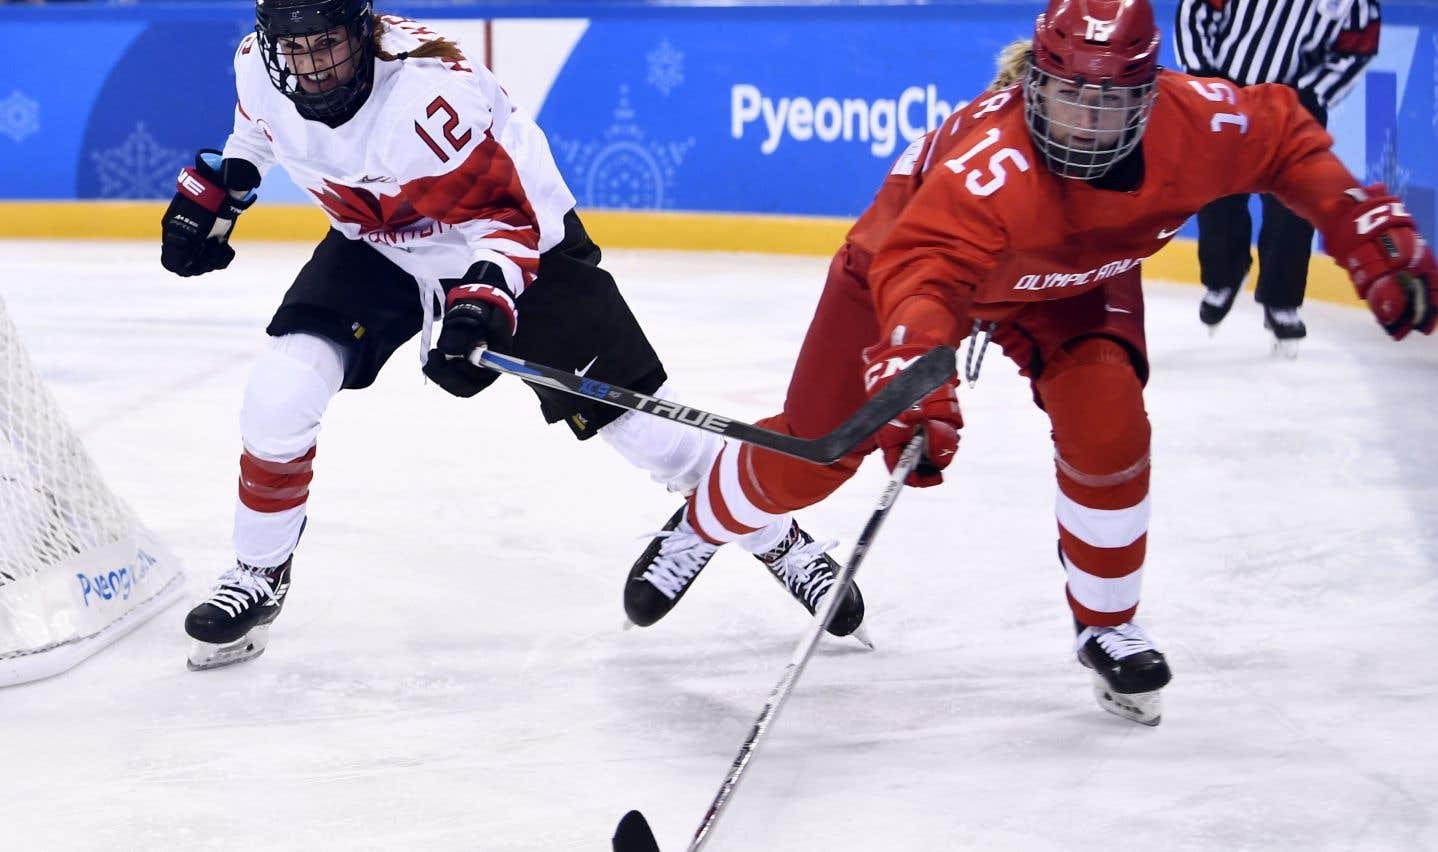 La Canadienne Meaghan Mikkelson et la Russe Valeria Pavlova pourchassant la rondelle lors du match opposant le Canada aux athlètes olympiques de Russie lundi, à Pyeongchang